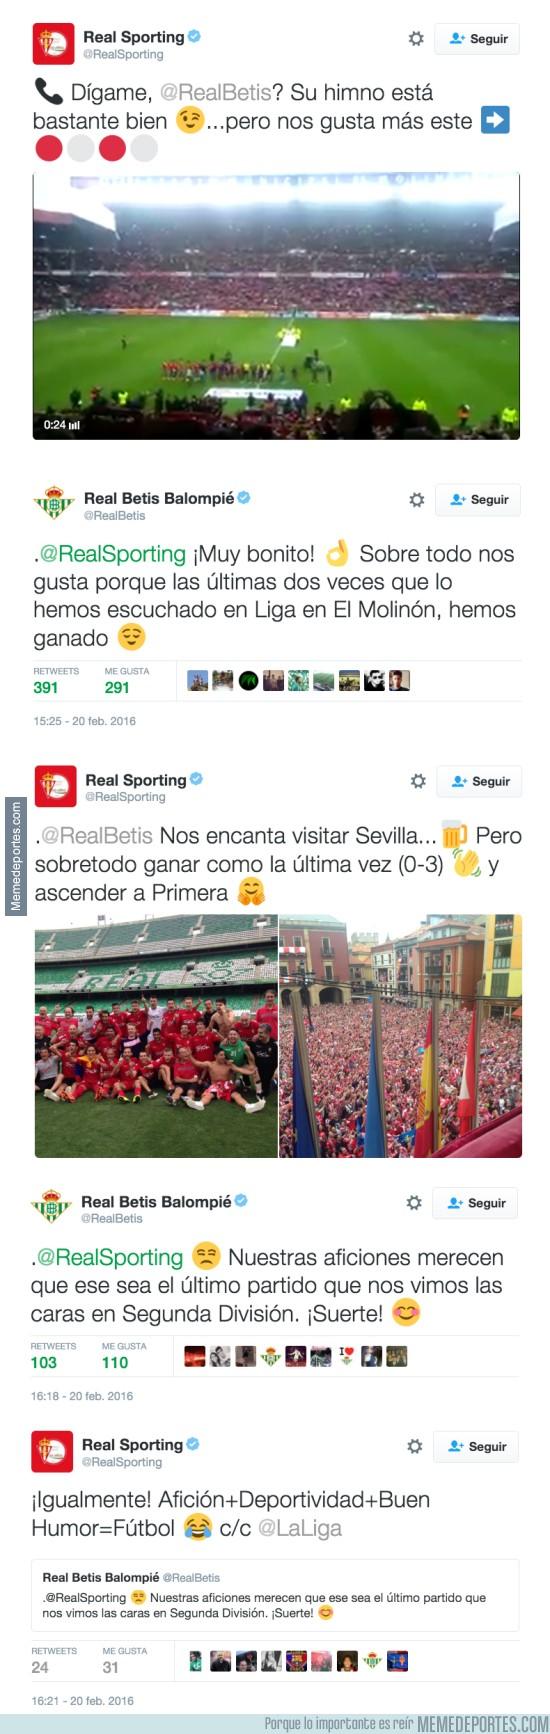 806613 - Mientras tanto, el Sporting y Real Betis en Twitter... así da gusto con buen rollo